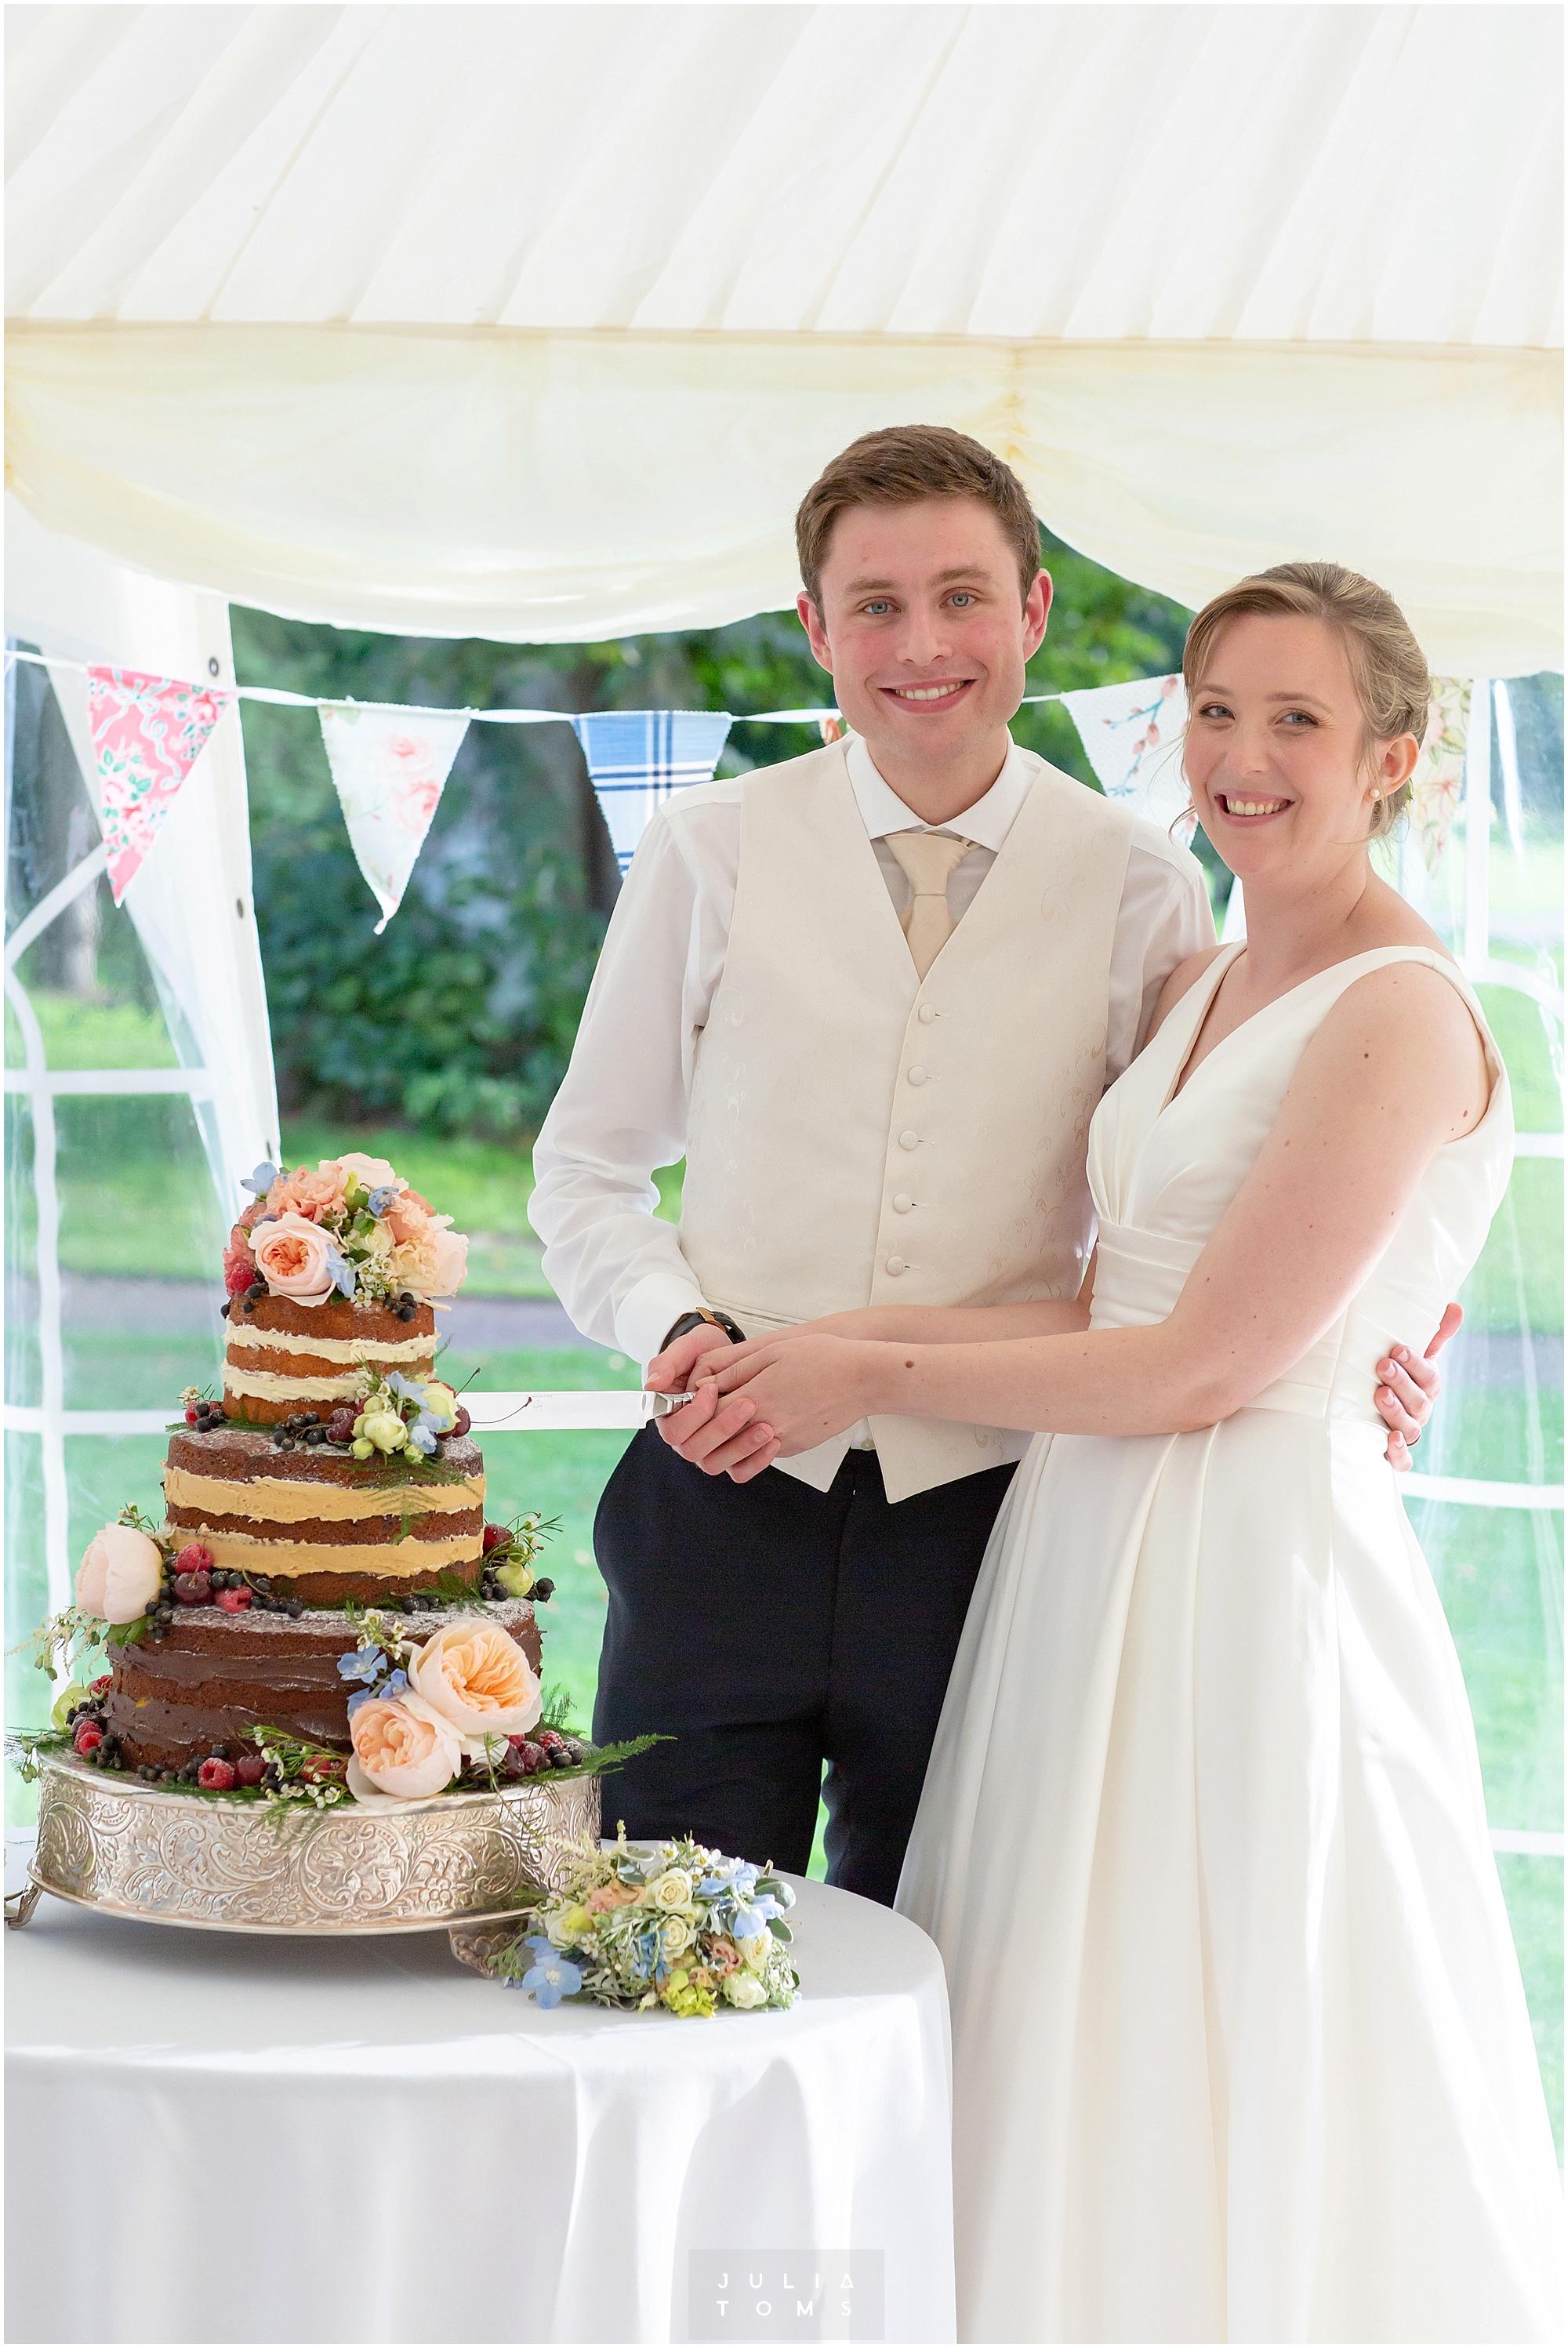 westsussex_wedding_photographer_westdean_131.jpg